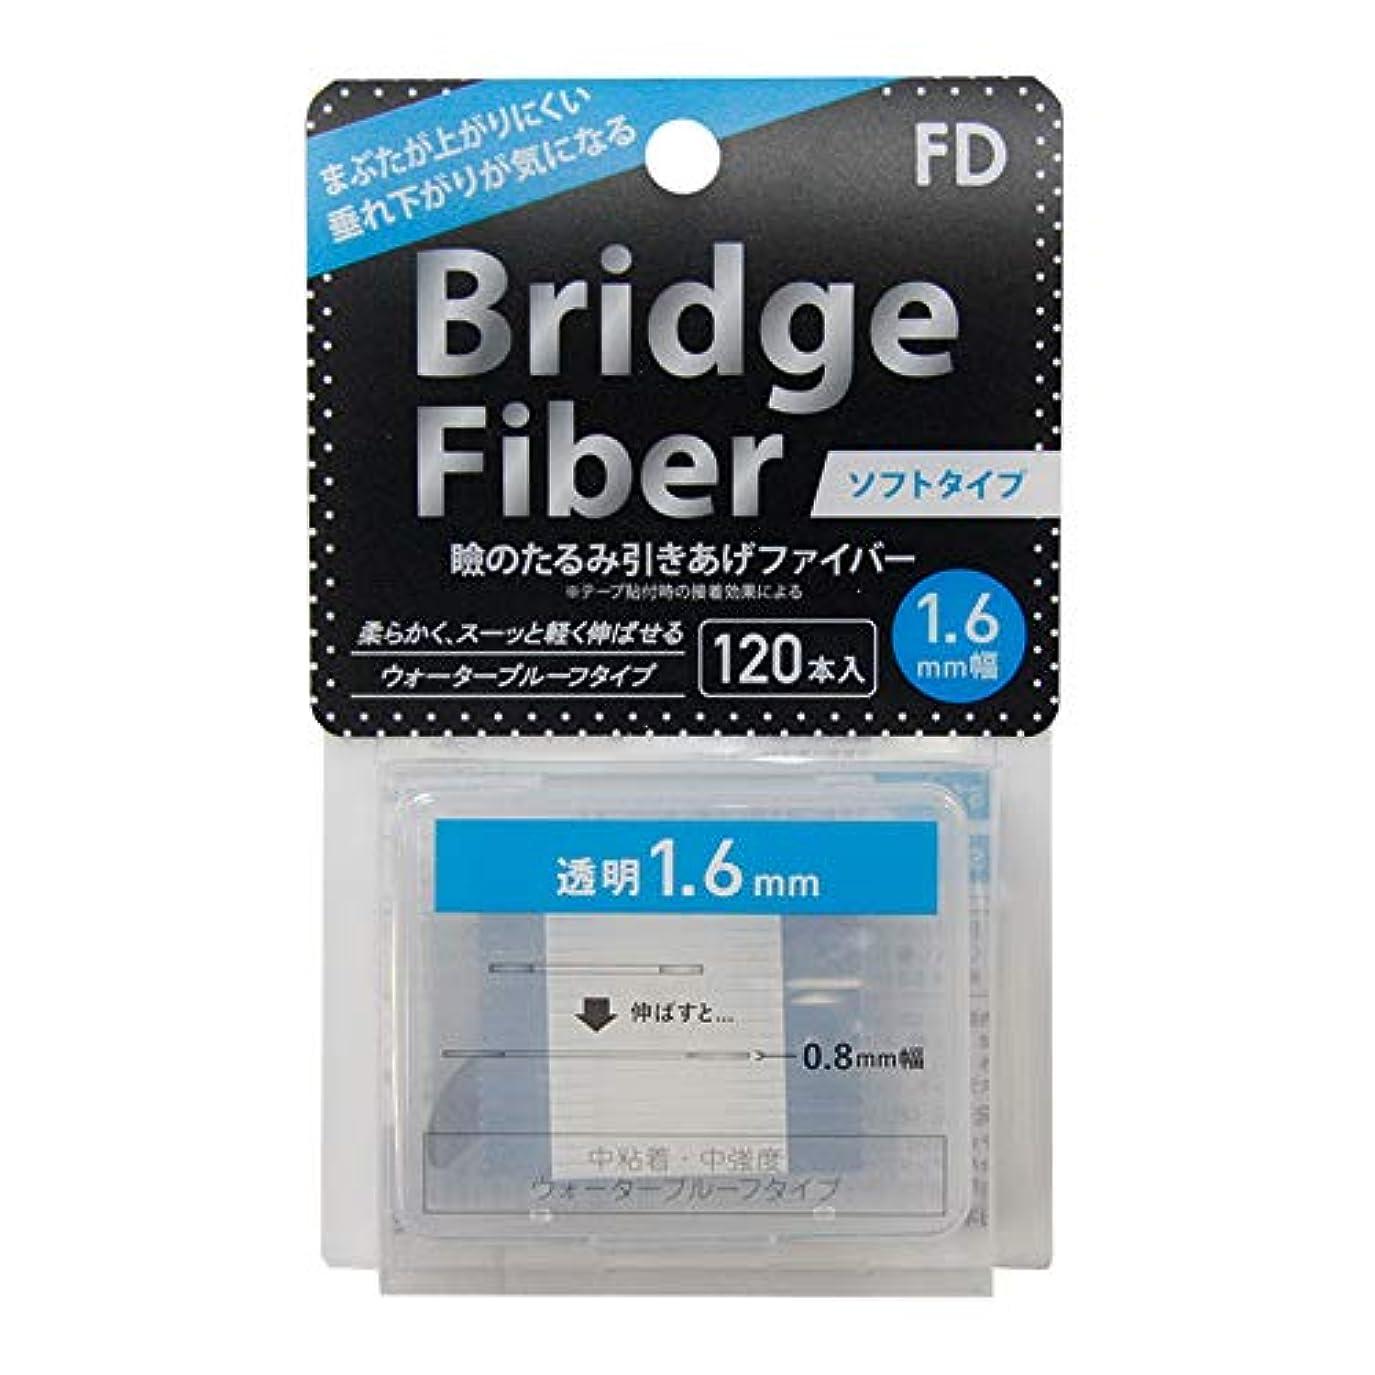 支配的足枷成り立つFD ブリッジソフトファイバー 眼瞼下垂防止テープ ソフトタイプ 透明1.6mm幅 120本入り